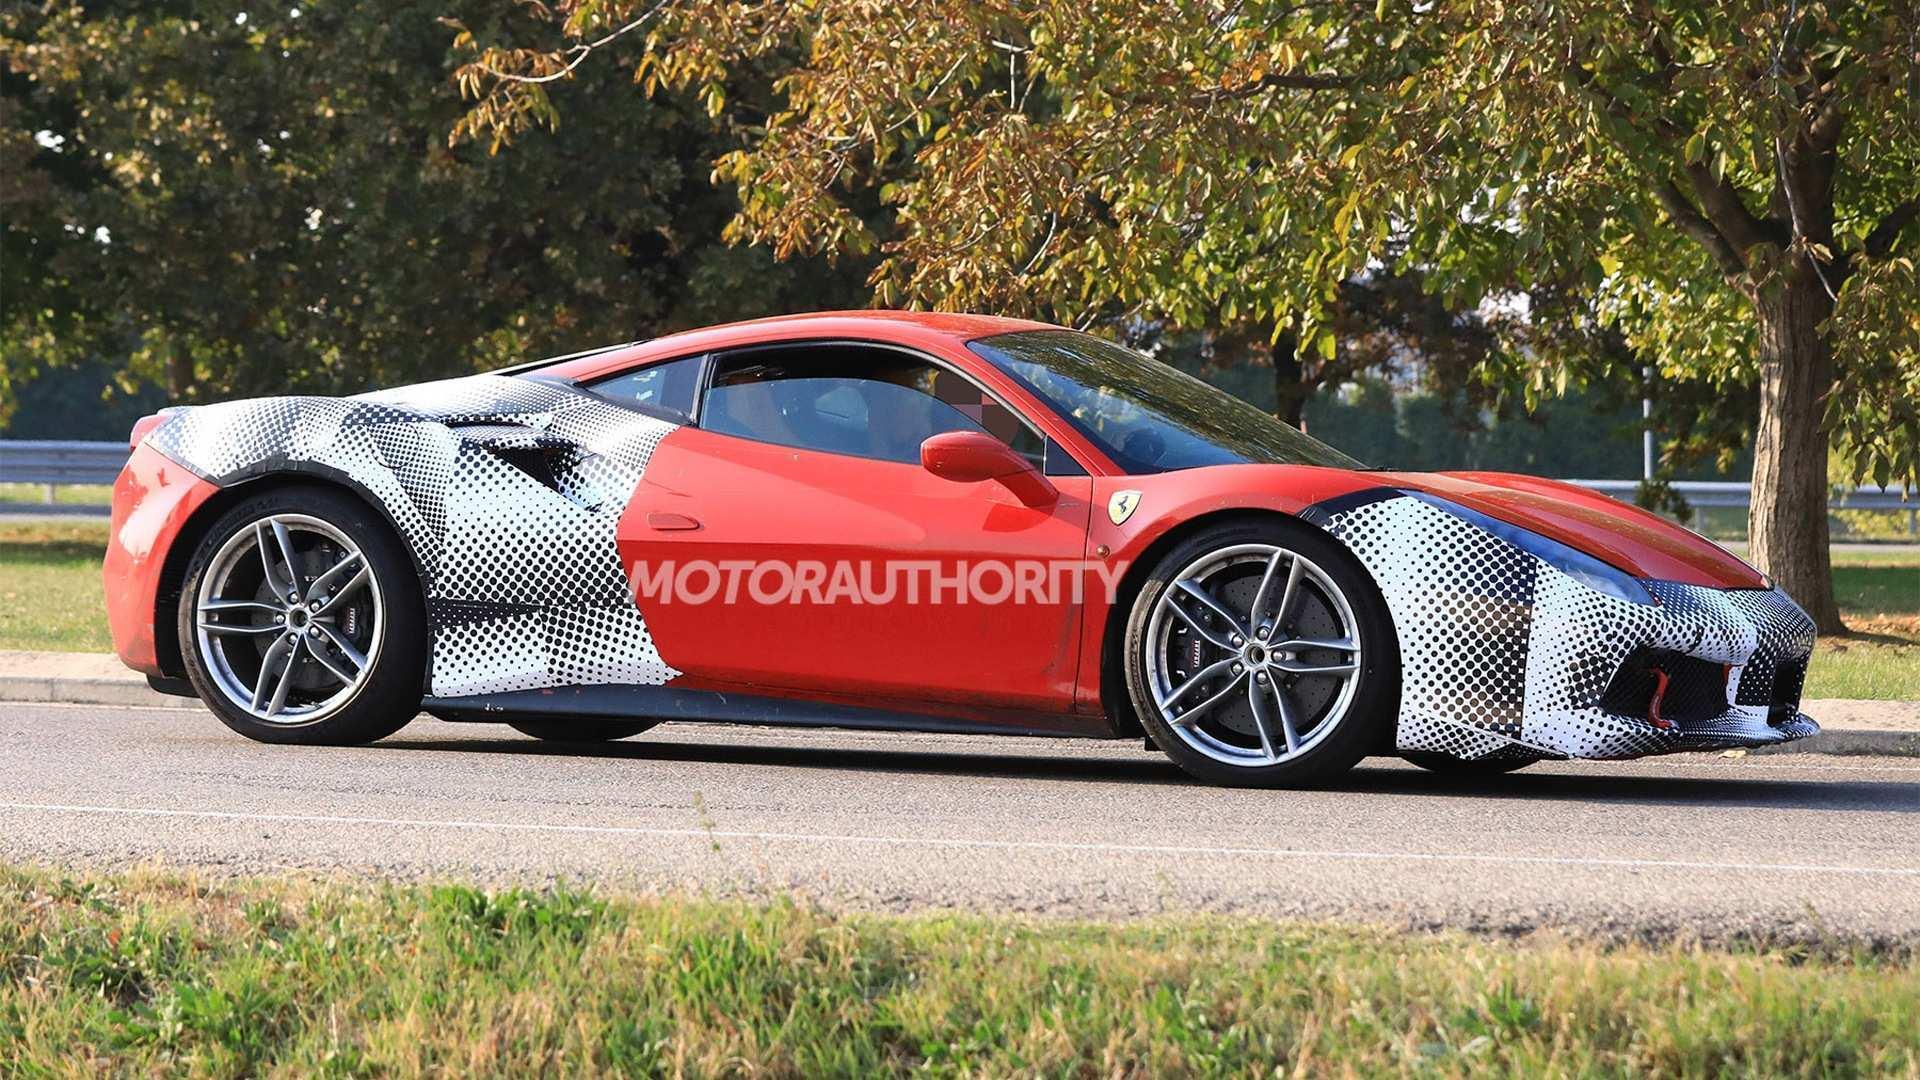 52 All New 2020 Ferrari 488 Gto Specs and Review with 2020 Ferrari 488 Gto